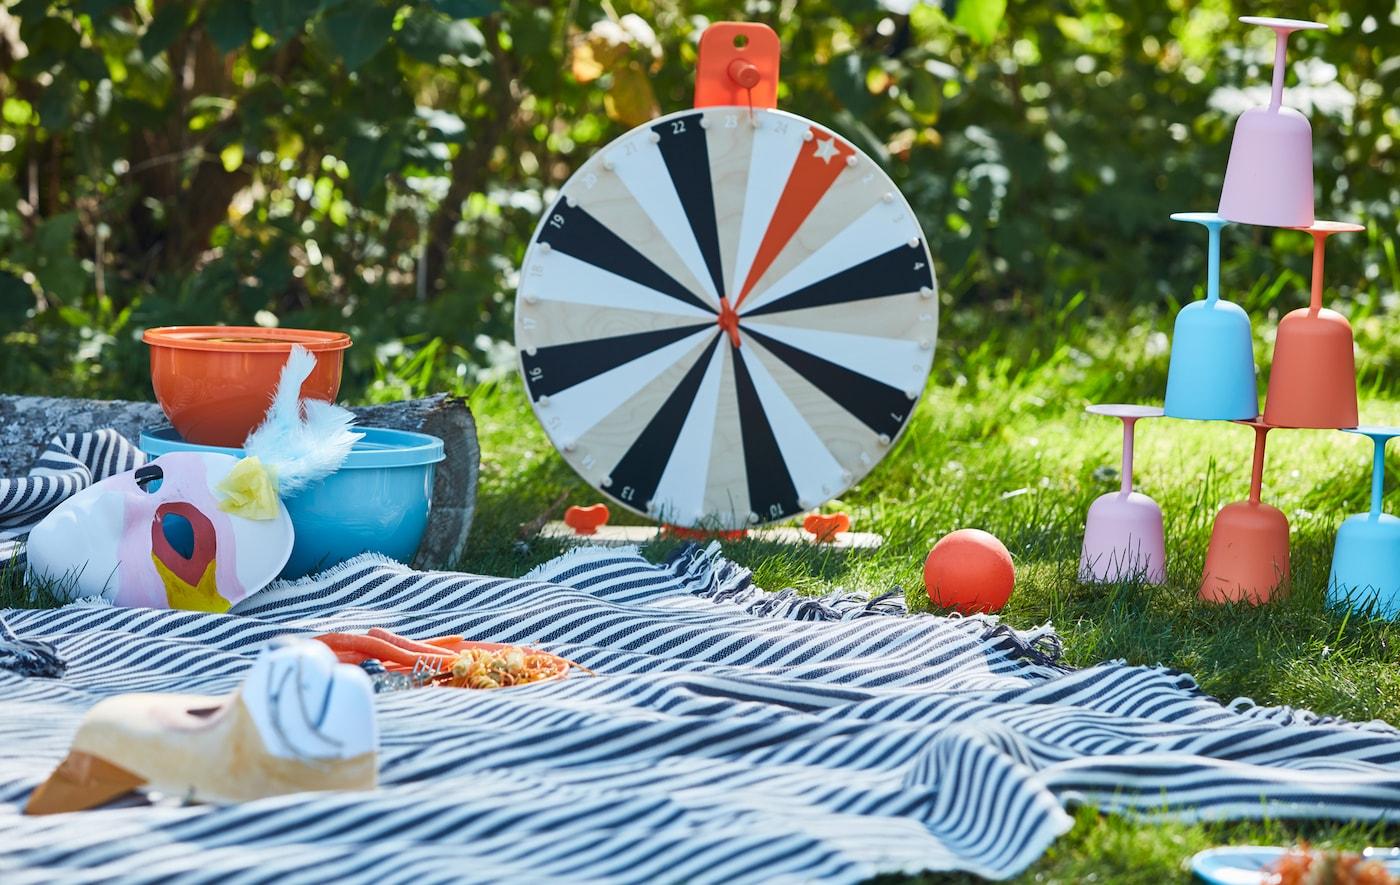 Picknick mit LUSTIGT Glücksradspiel aus Holz neben anderen Spielen auf einer Decke